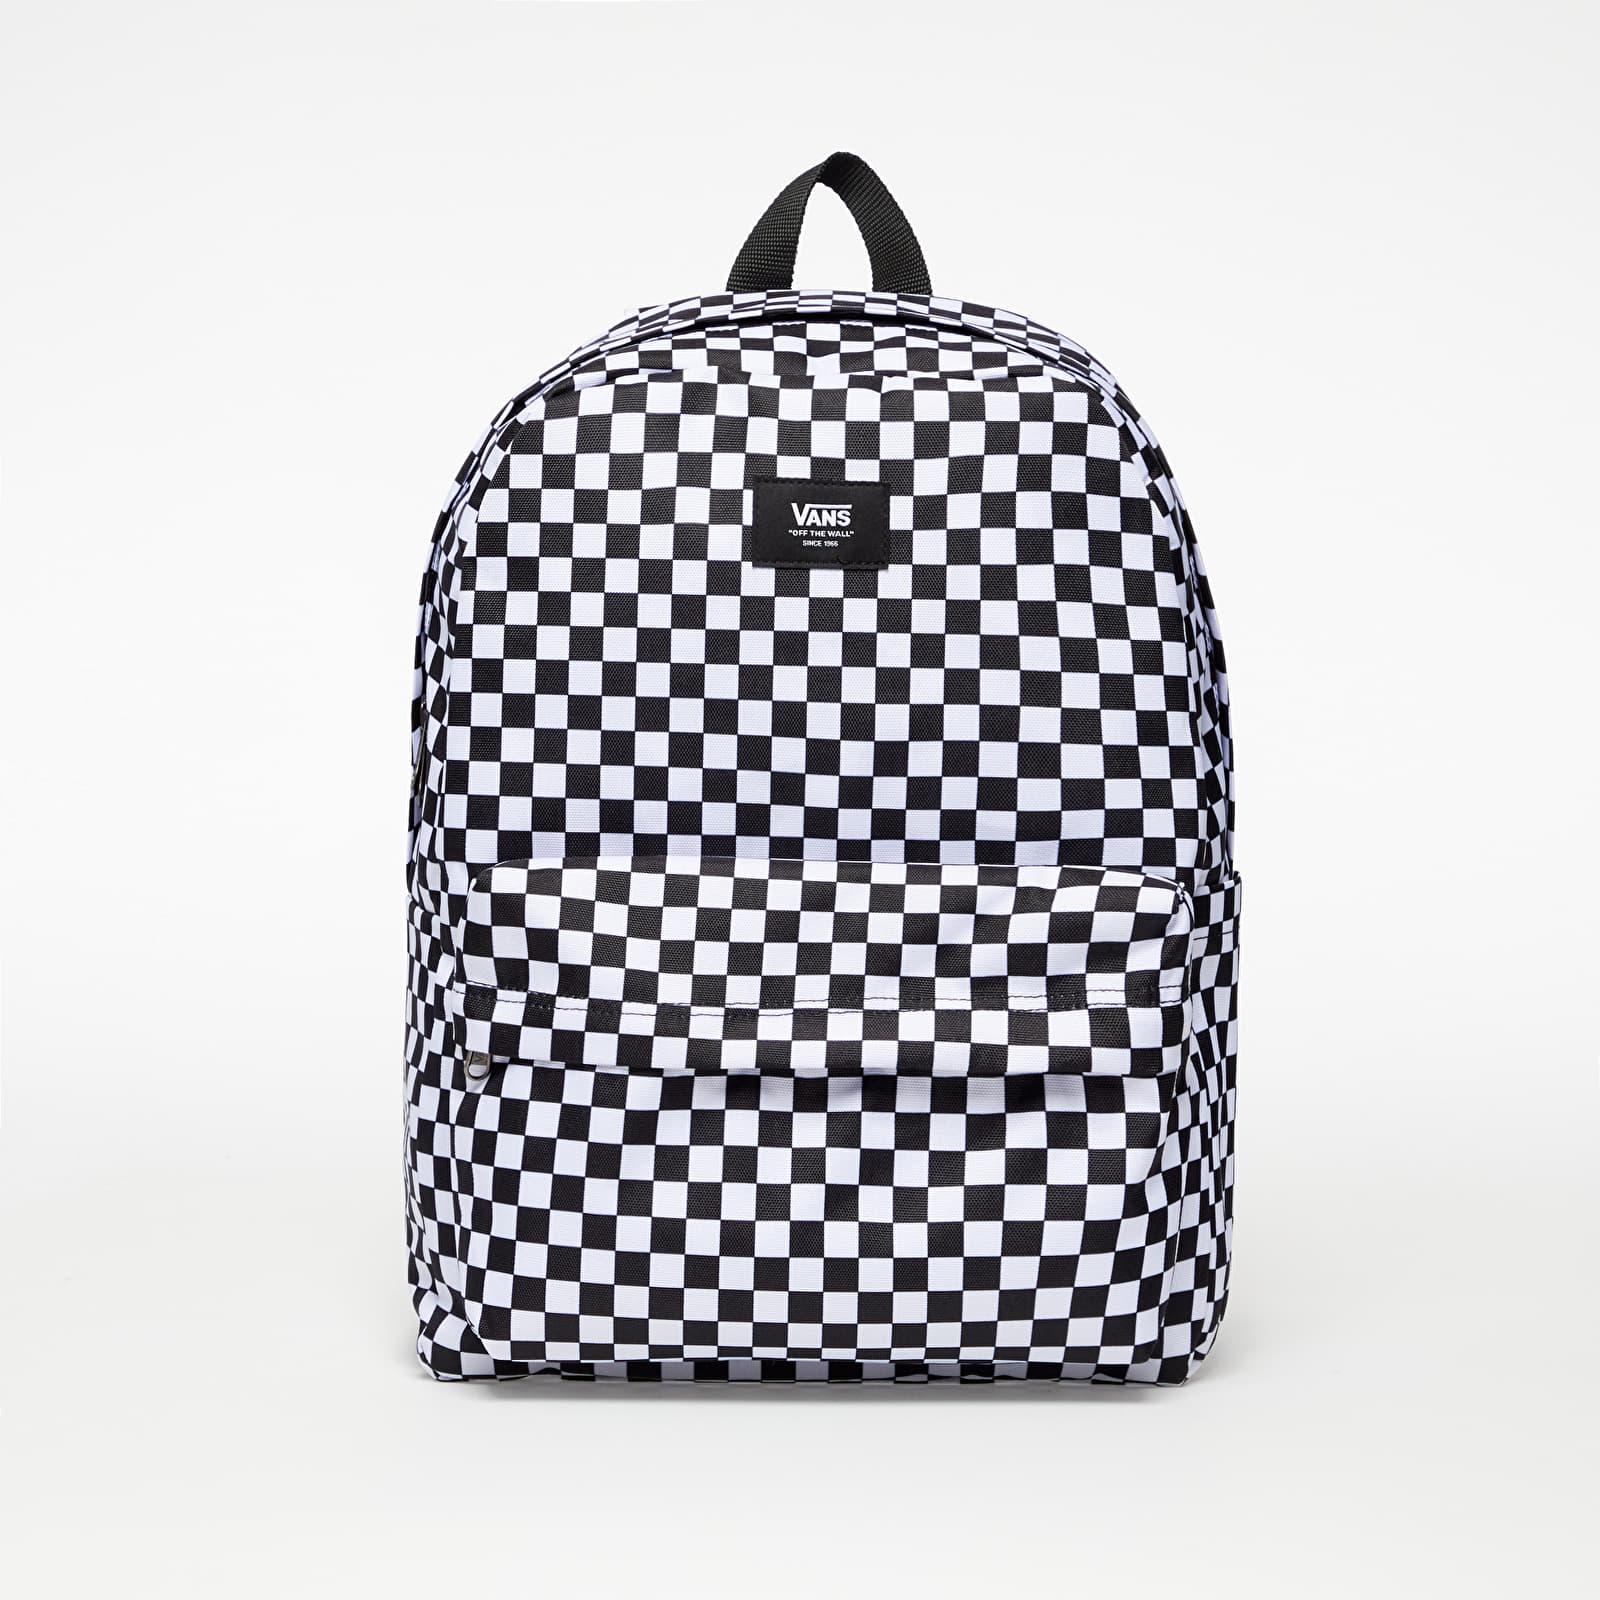 Vans Old Skool Check Bag Black/ White EUR